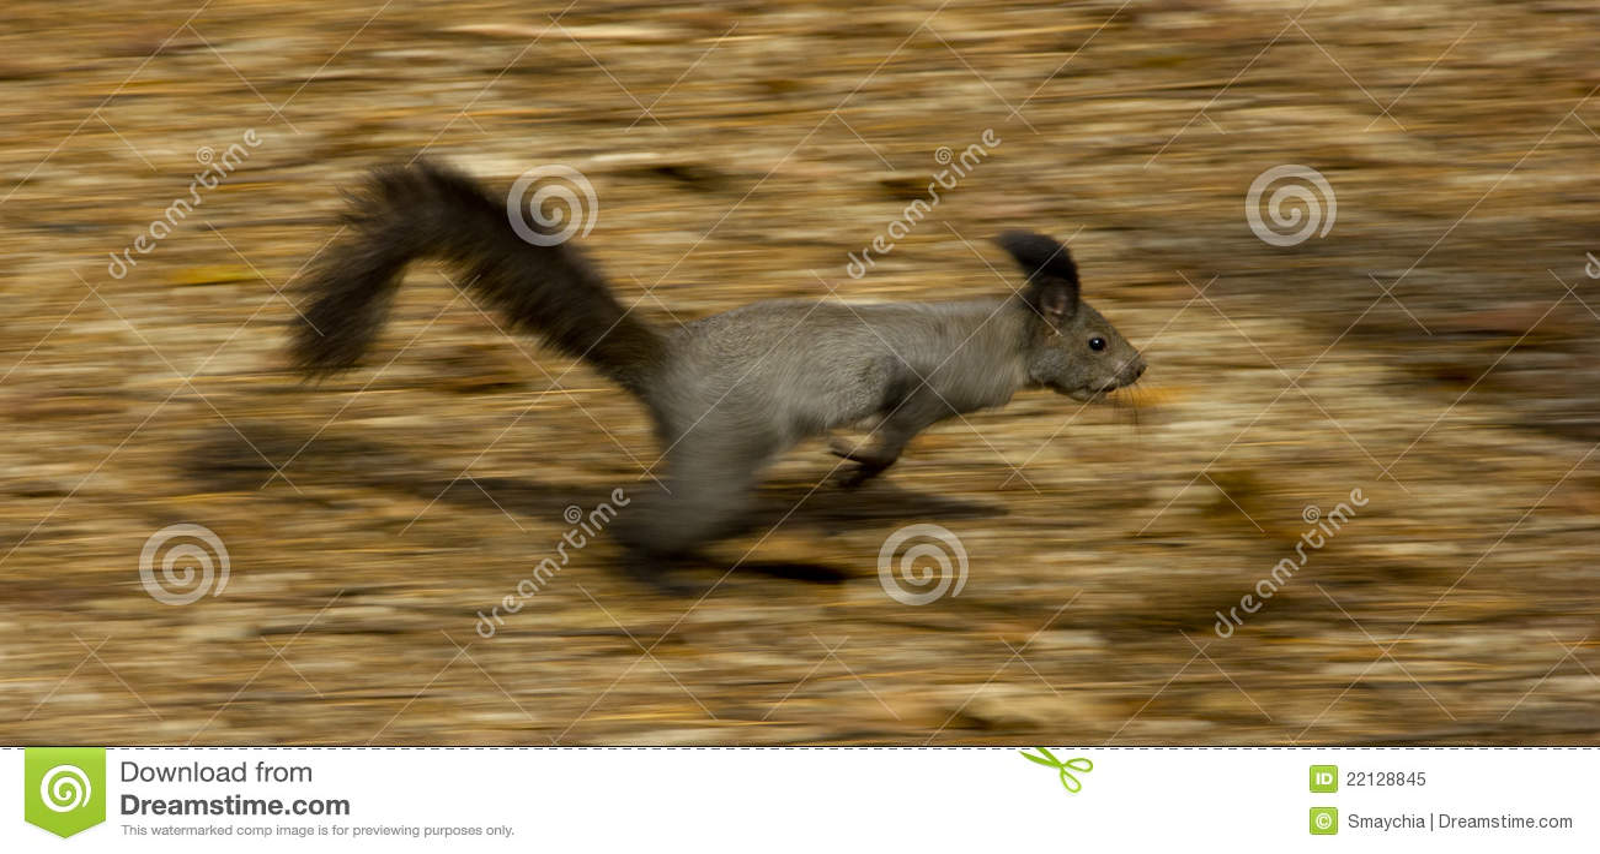 Eichhörnchen, Das Schnell Läuft Stockbild - Bild von eichhörnchen ...